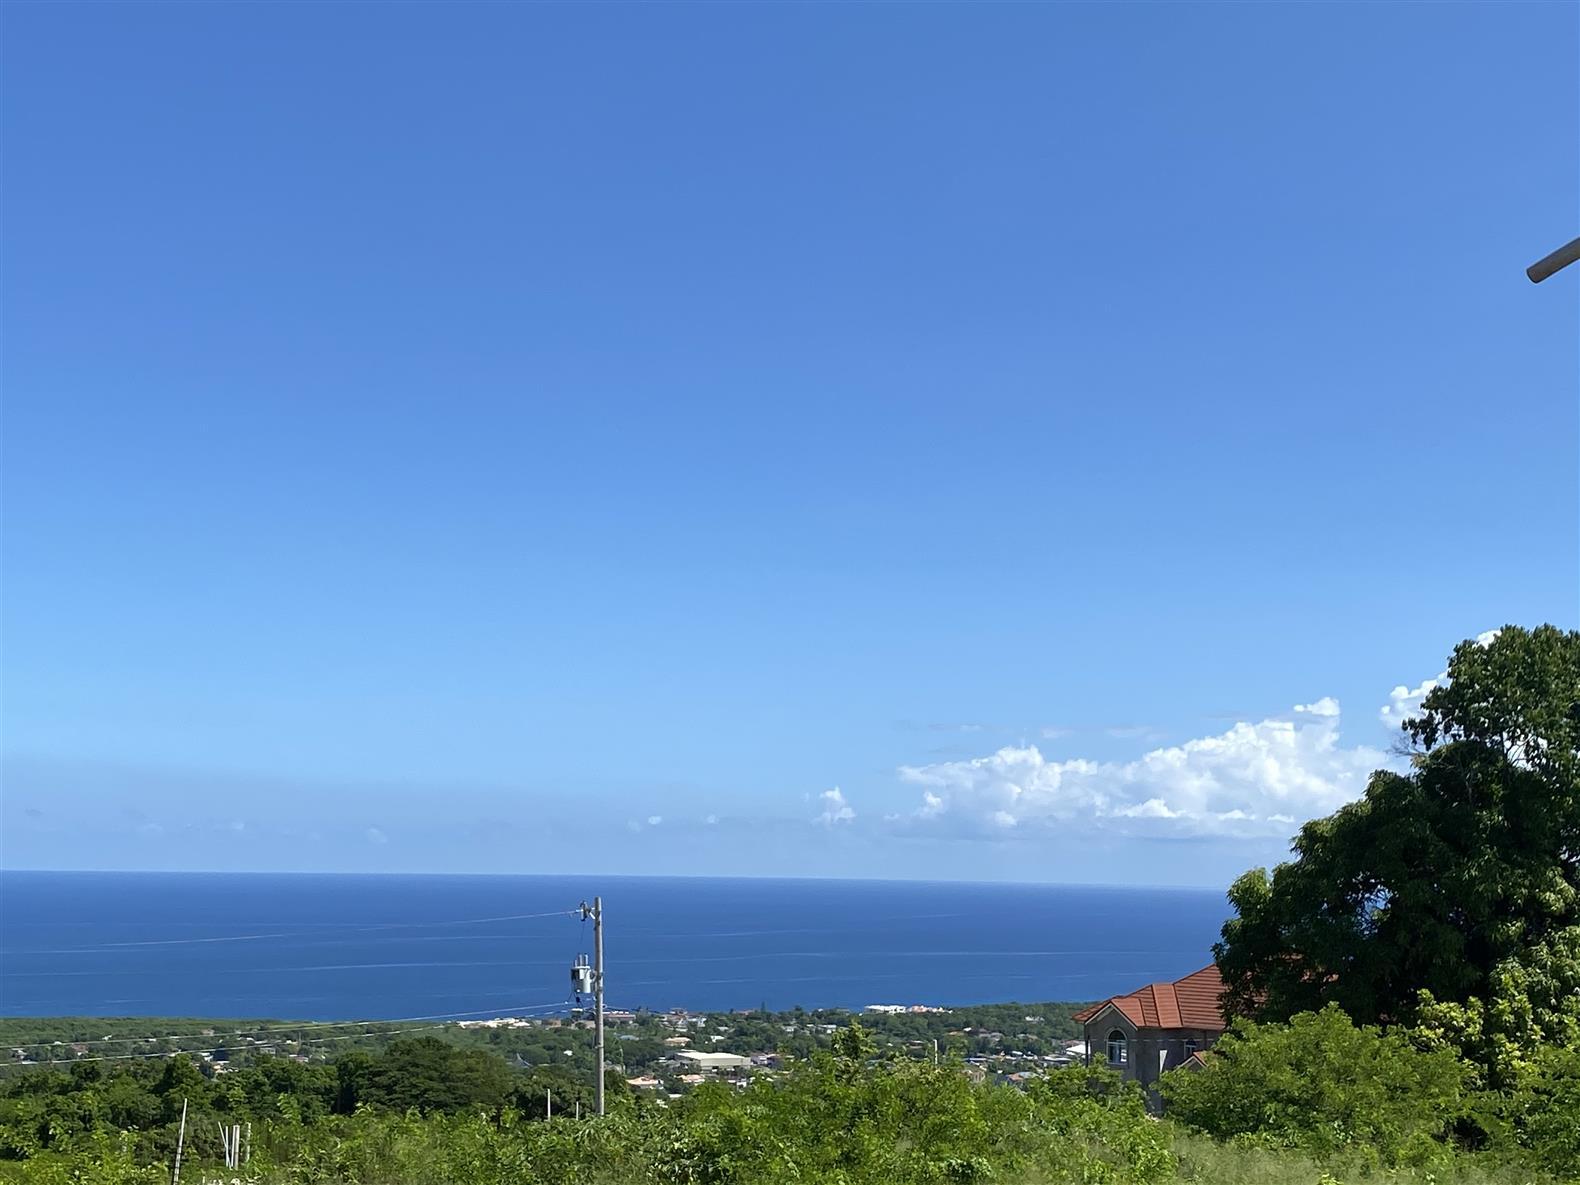 The Pointe - St. Ann, Jamaica